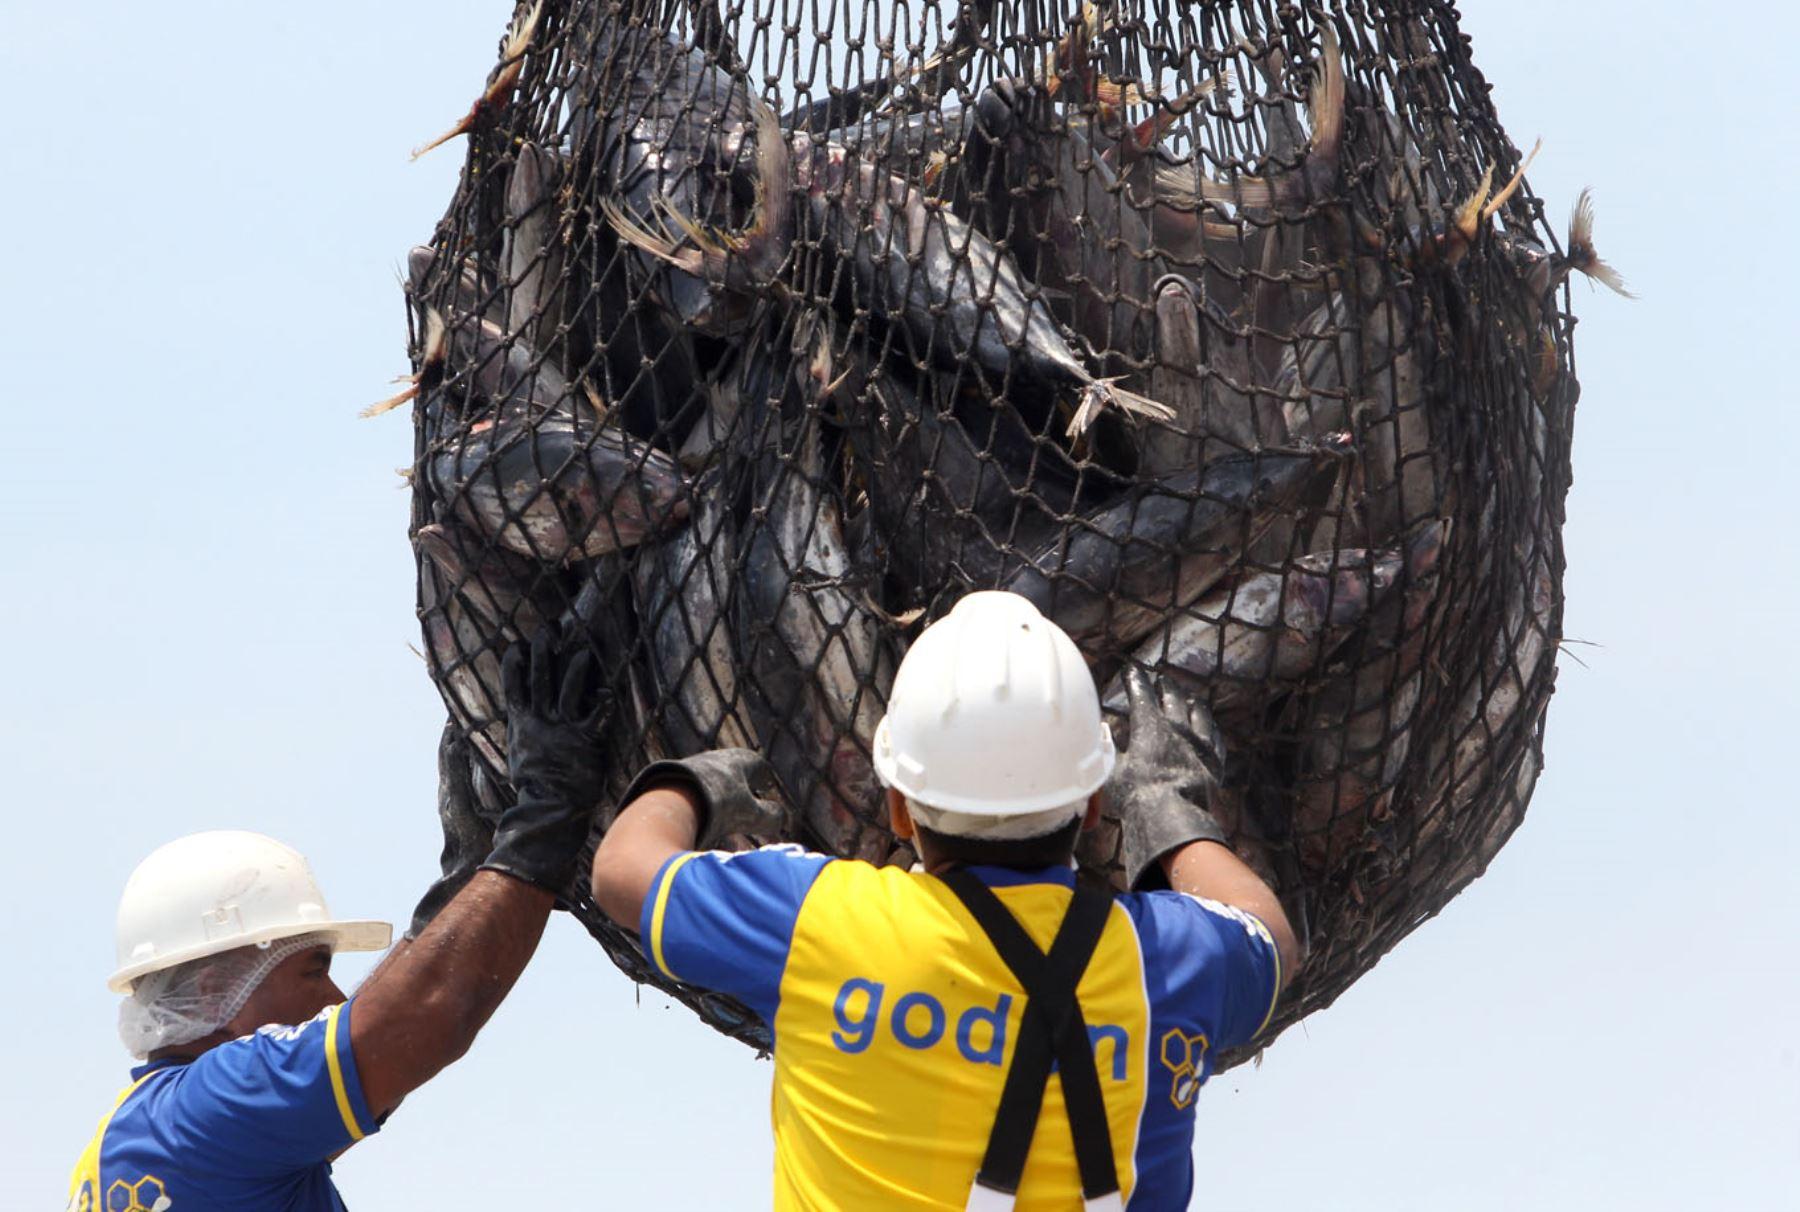 Exportación Pesquera Para Consumo Humano Habría Crecido Más De 80% Entre Enero Y Mayo En Perú